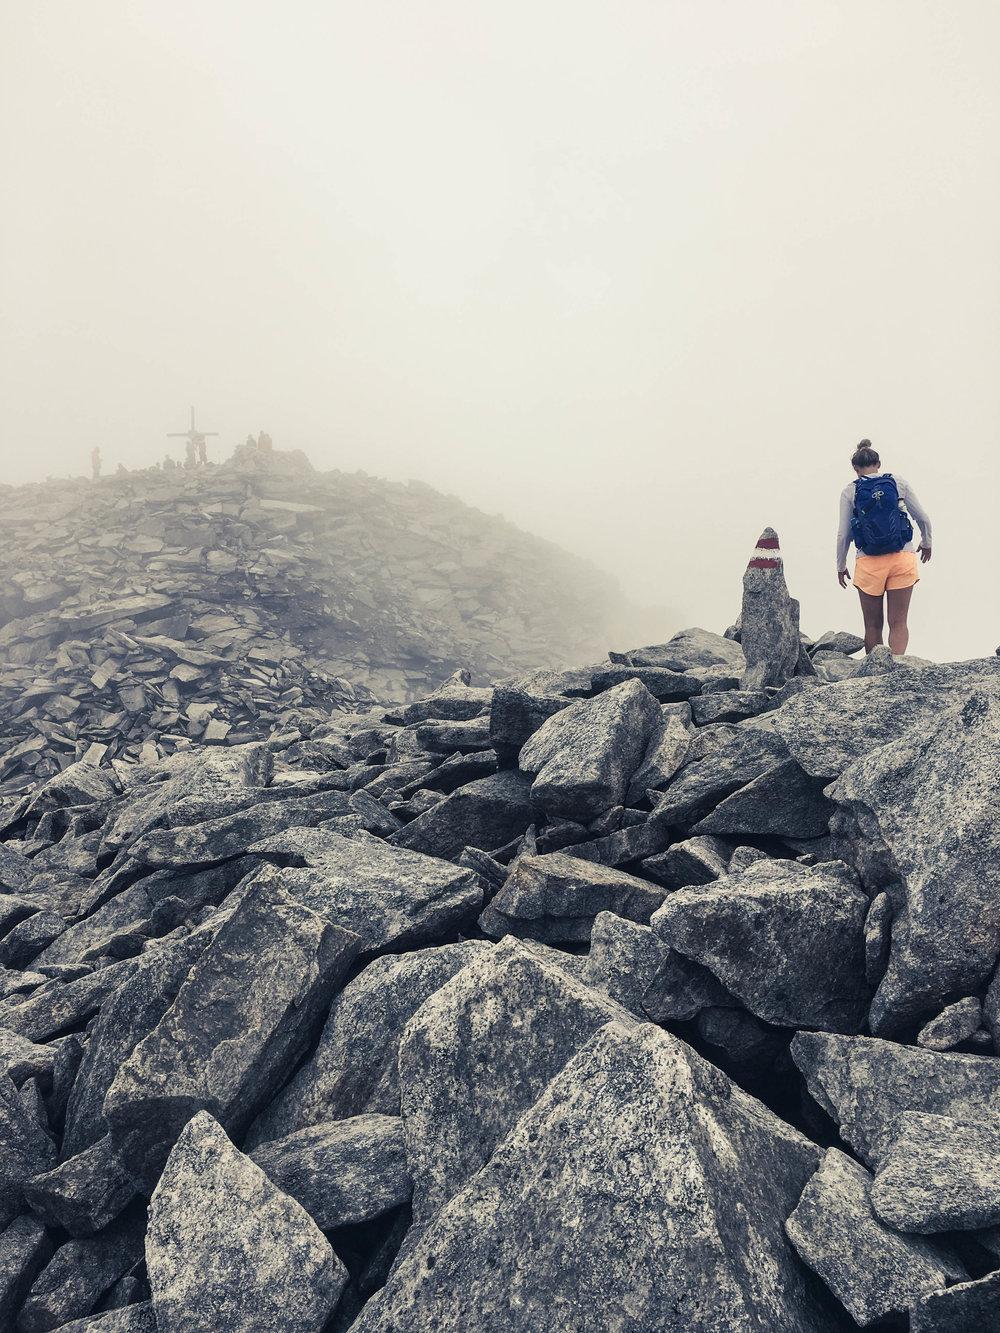 06 - Gipfelgrat des Hohen Rifflers (3168m) im Nebel.jpg